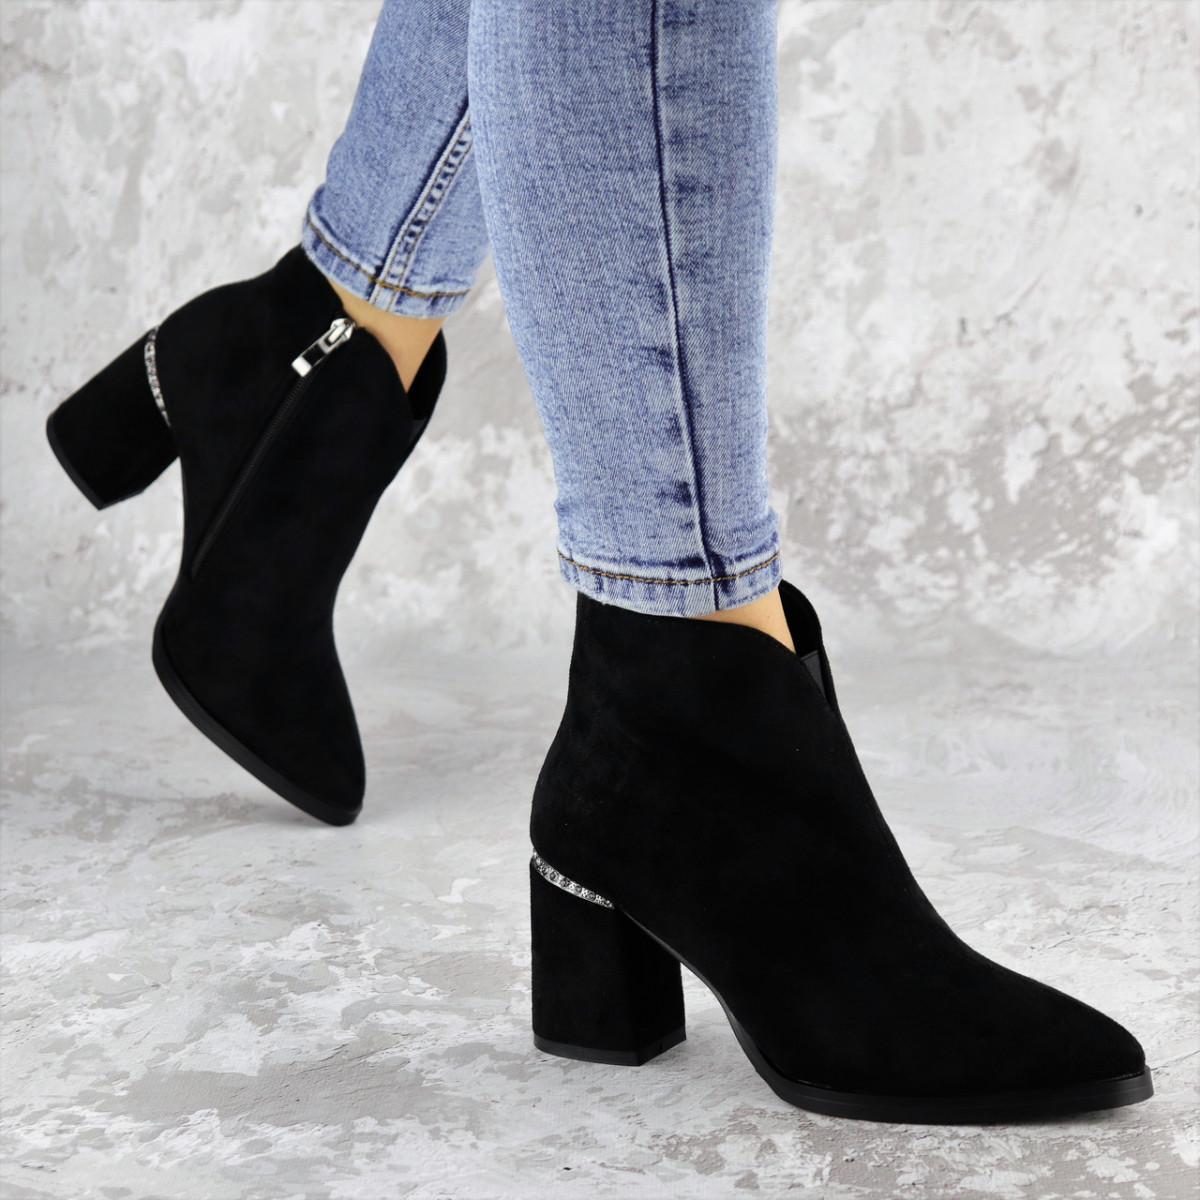 Ботинки женские черные Algonquin 2171 (36 размер)